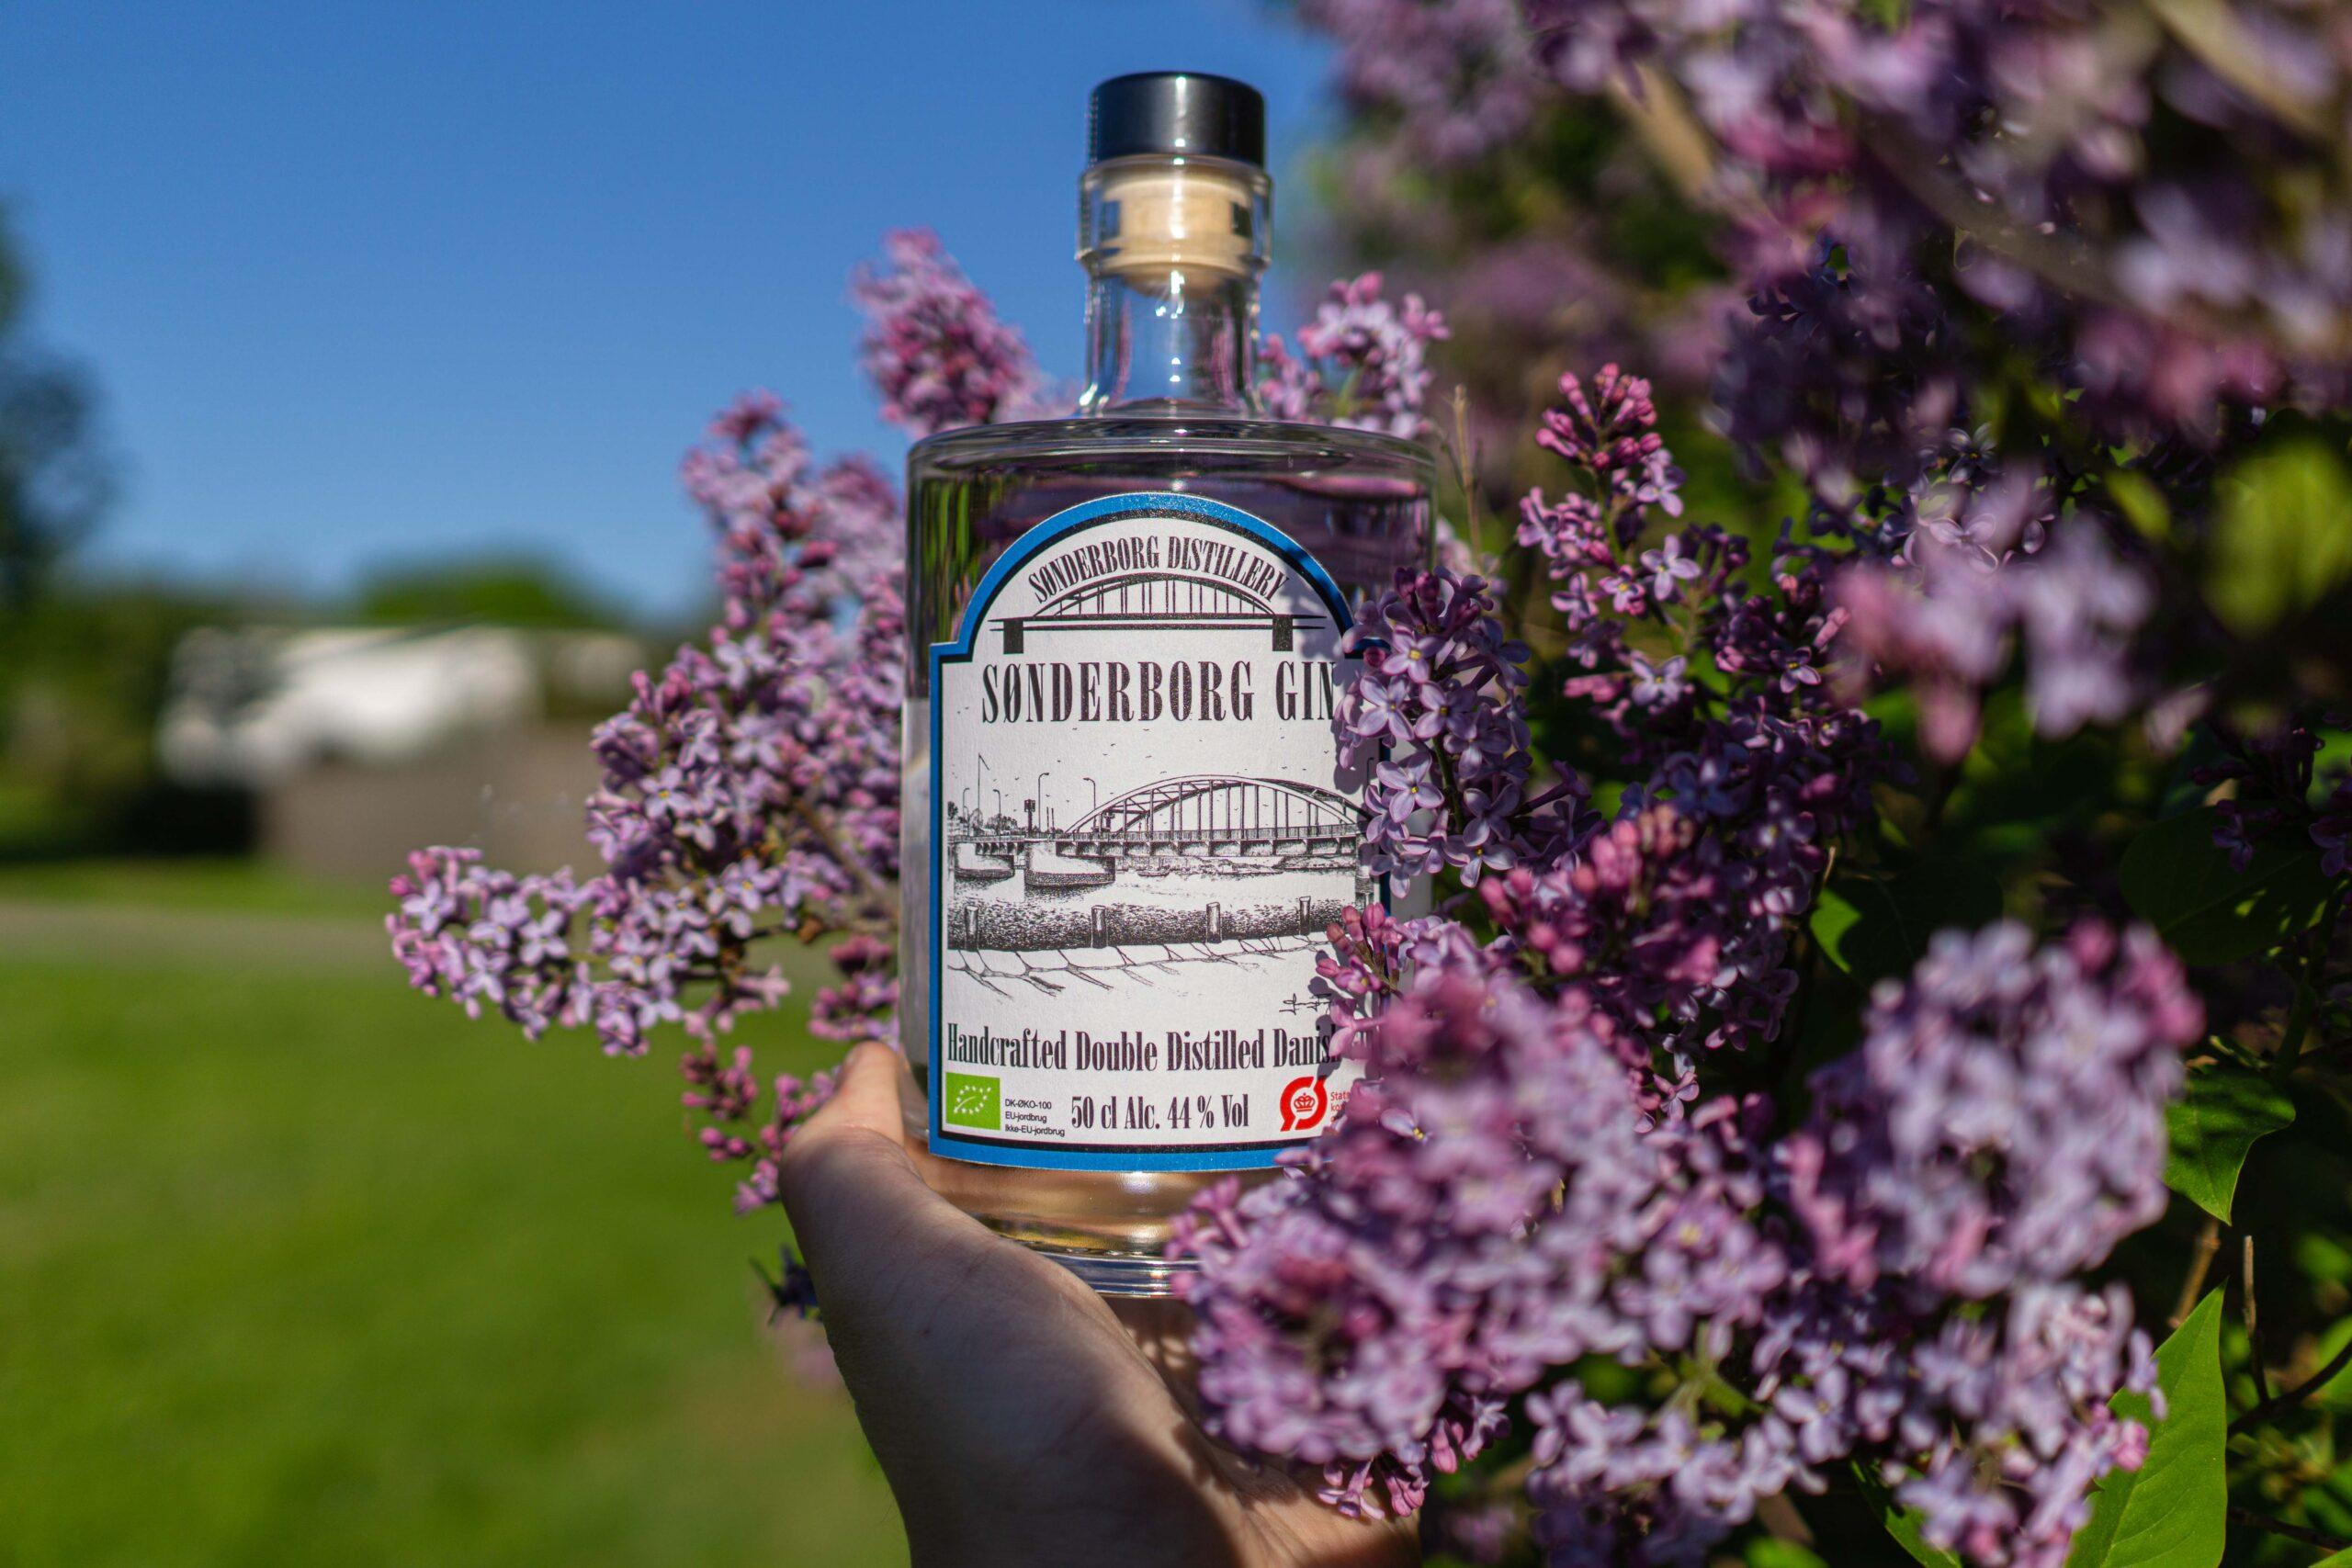 Sønderborg Gin